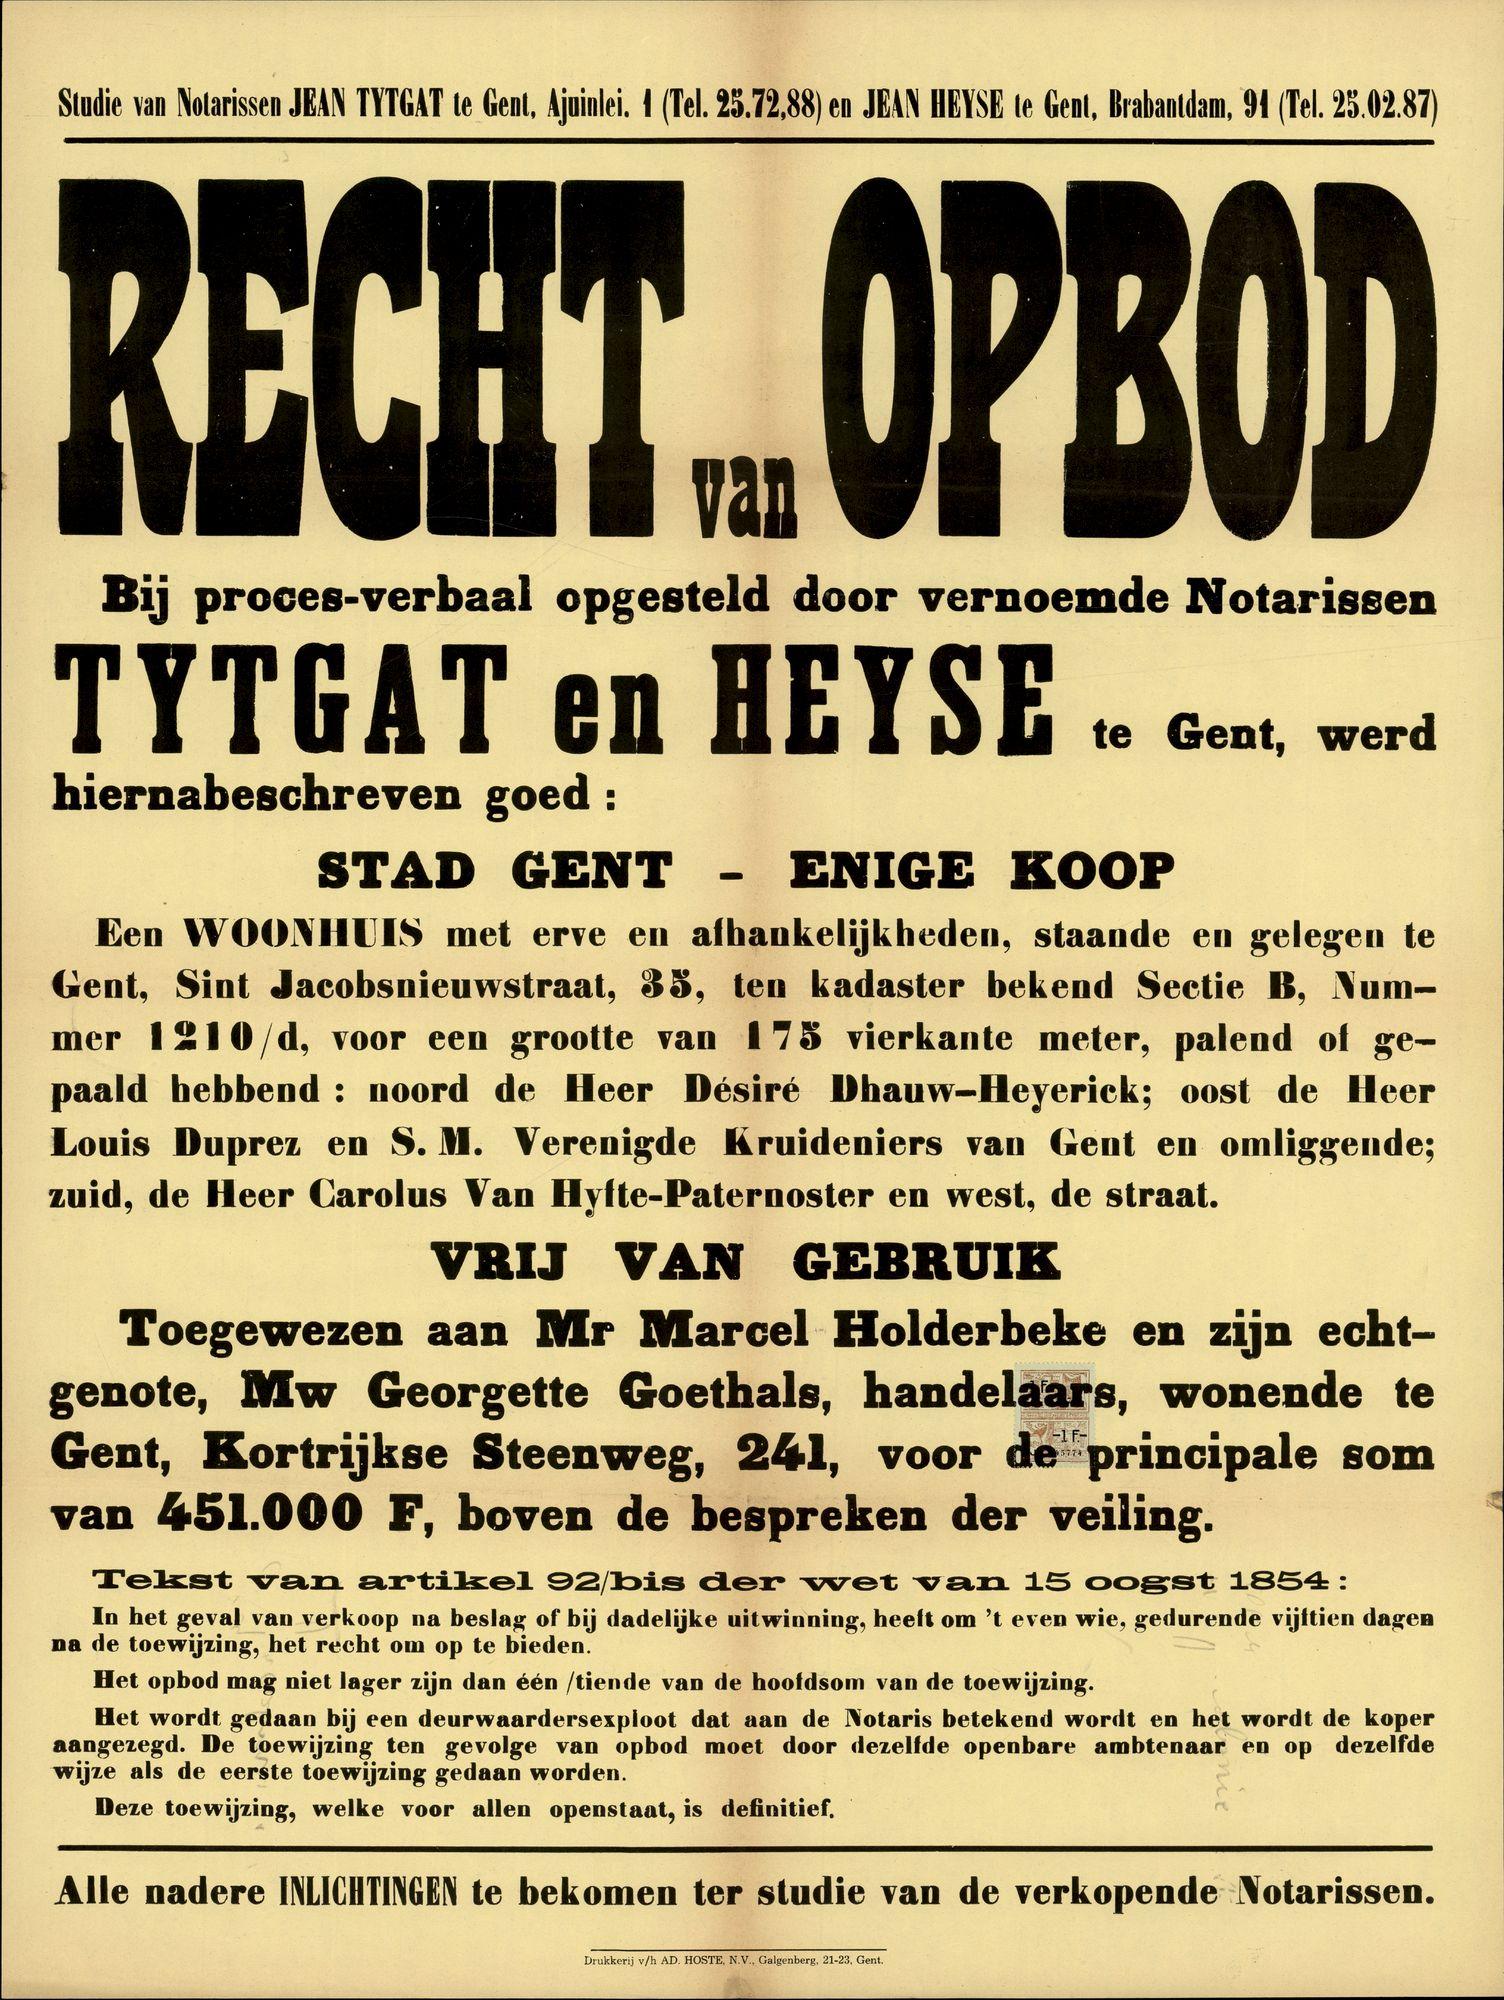 Recht van opbod bij proces-verbaal opgesteld door vernoemde notarissen Tytgat en Heyse te Gent